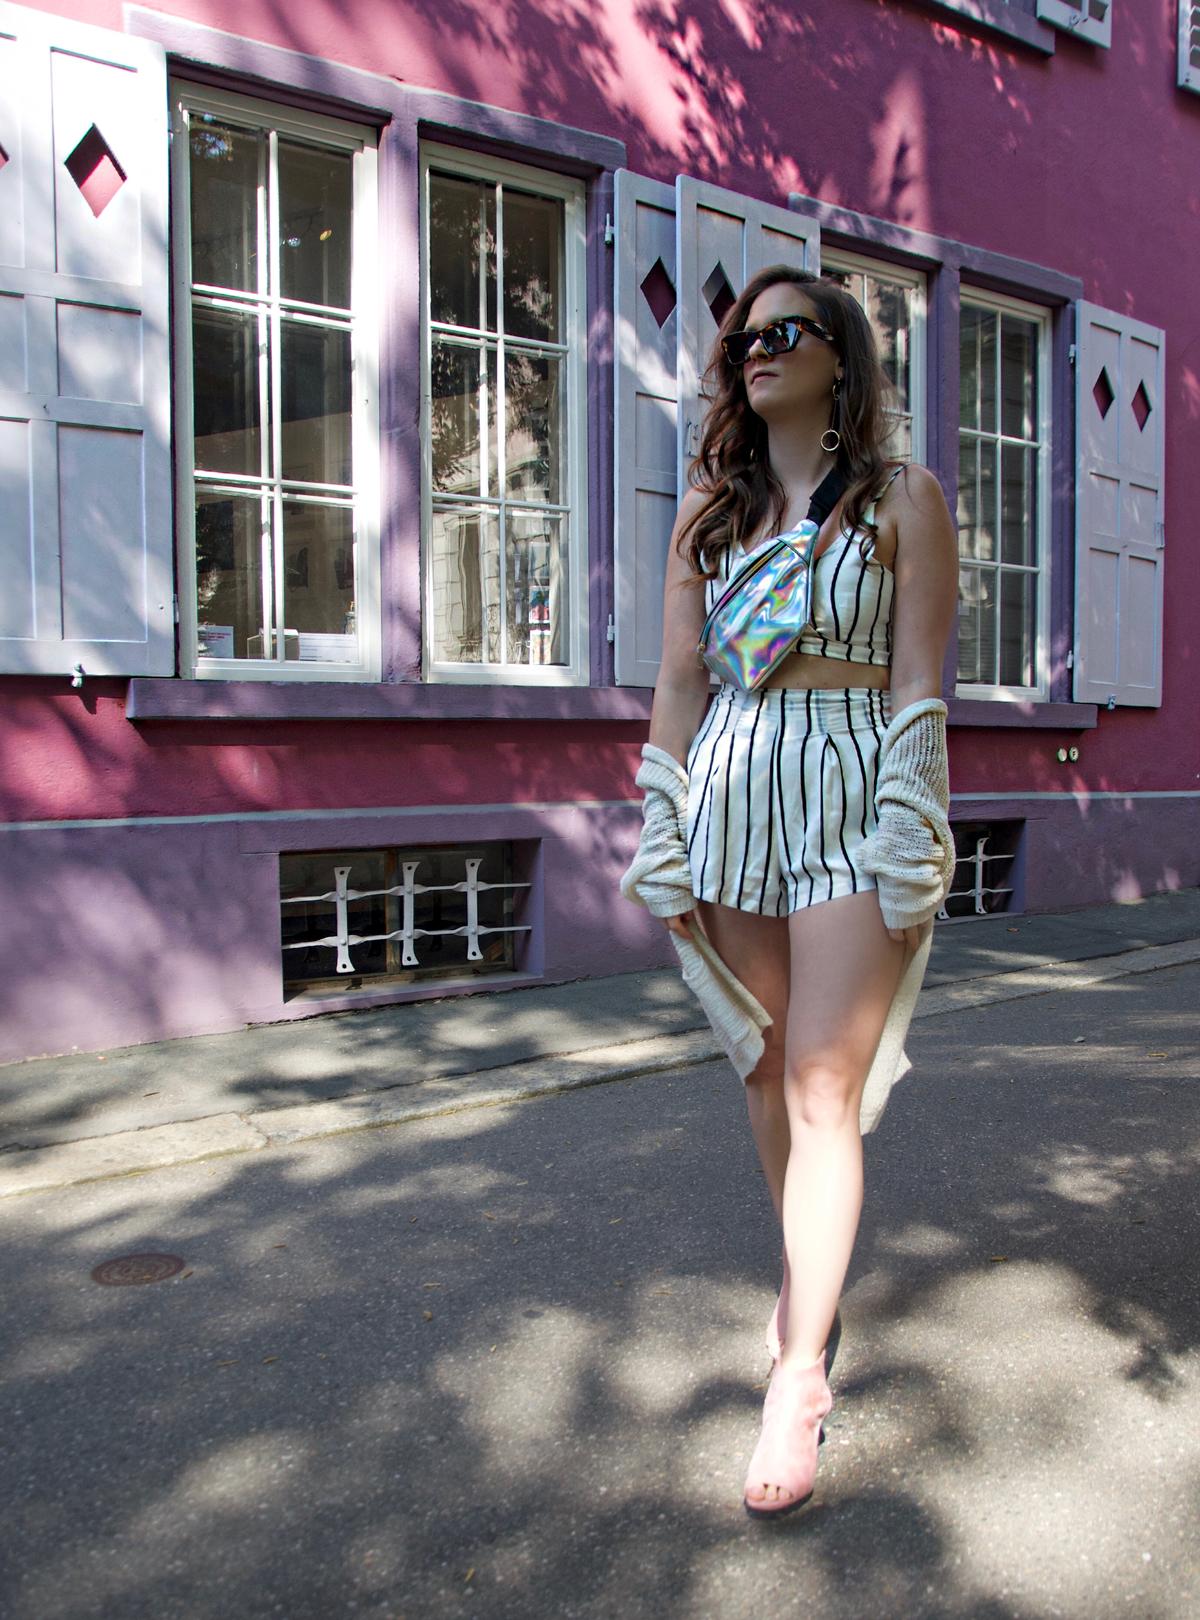 Andrea Steiner ist eine Mode Bloggerin aus Luzern in der Schweiz und schreibt ihrem Blog über Stylings und Trends. Heute ein Sommerlook mit einem Streifenset-Outfit, rosa Schuhe und Bachtasche.